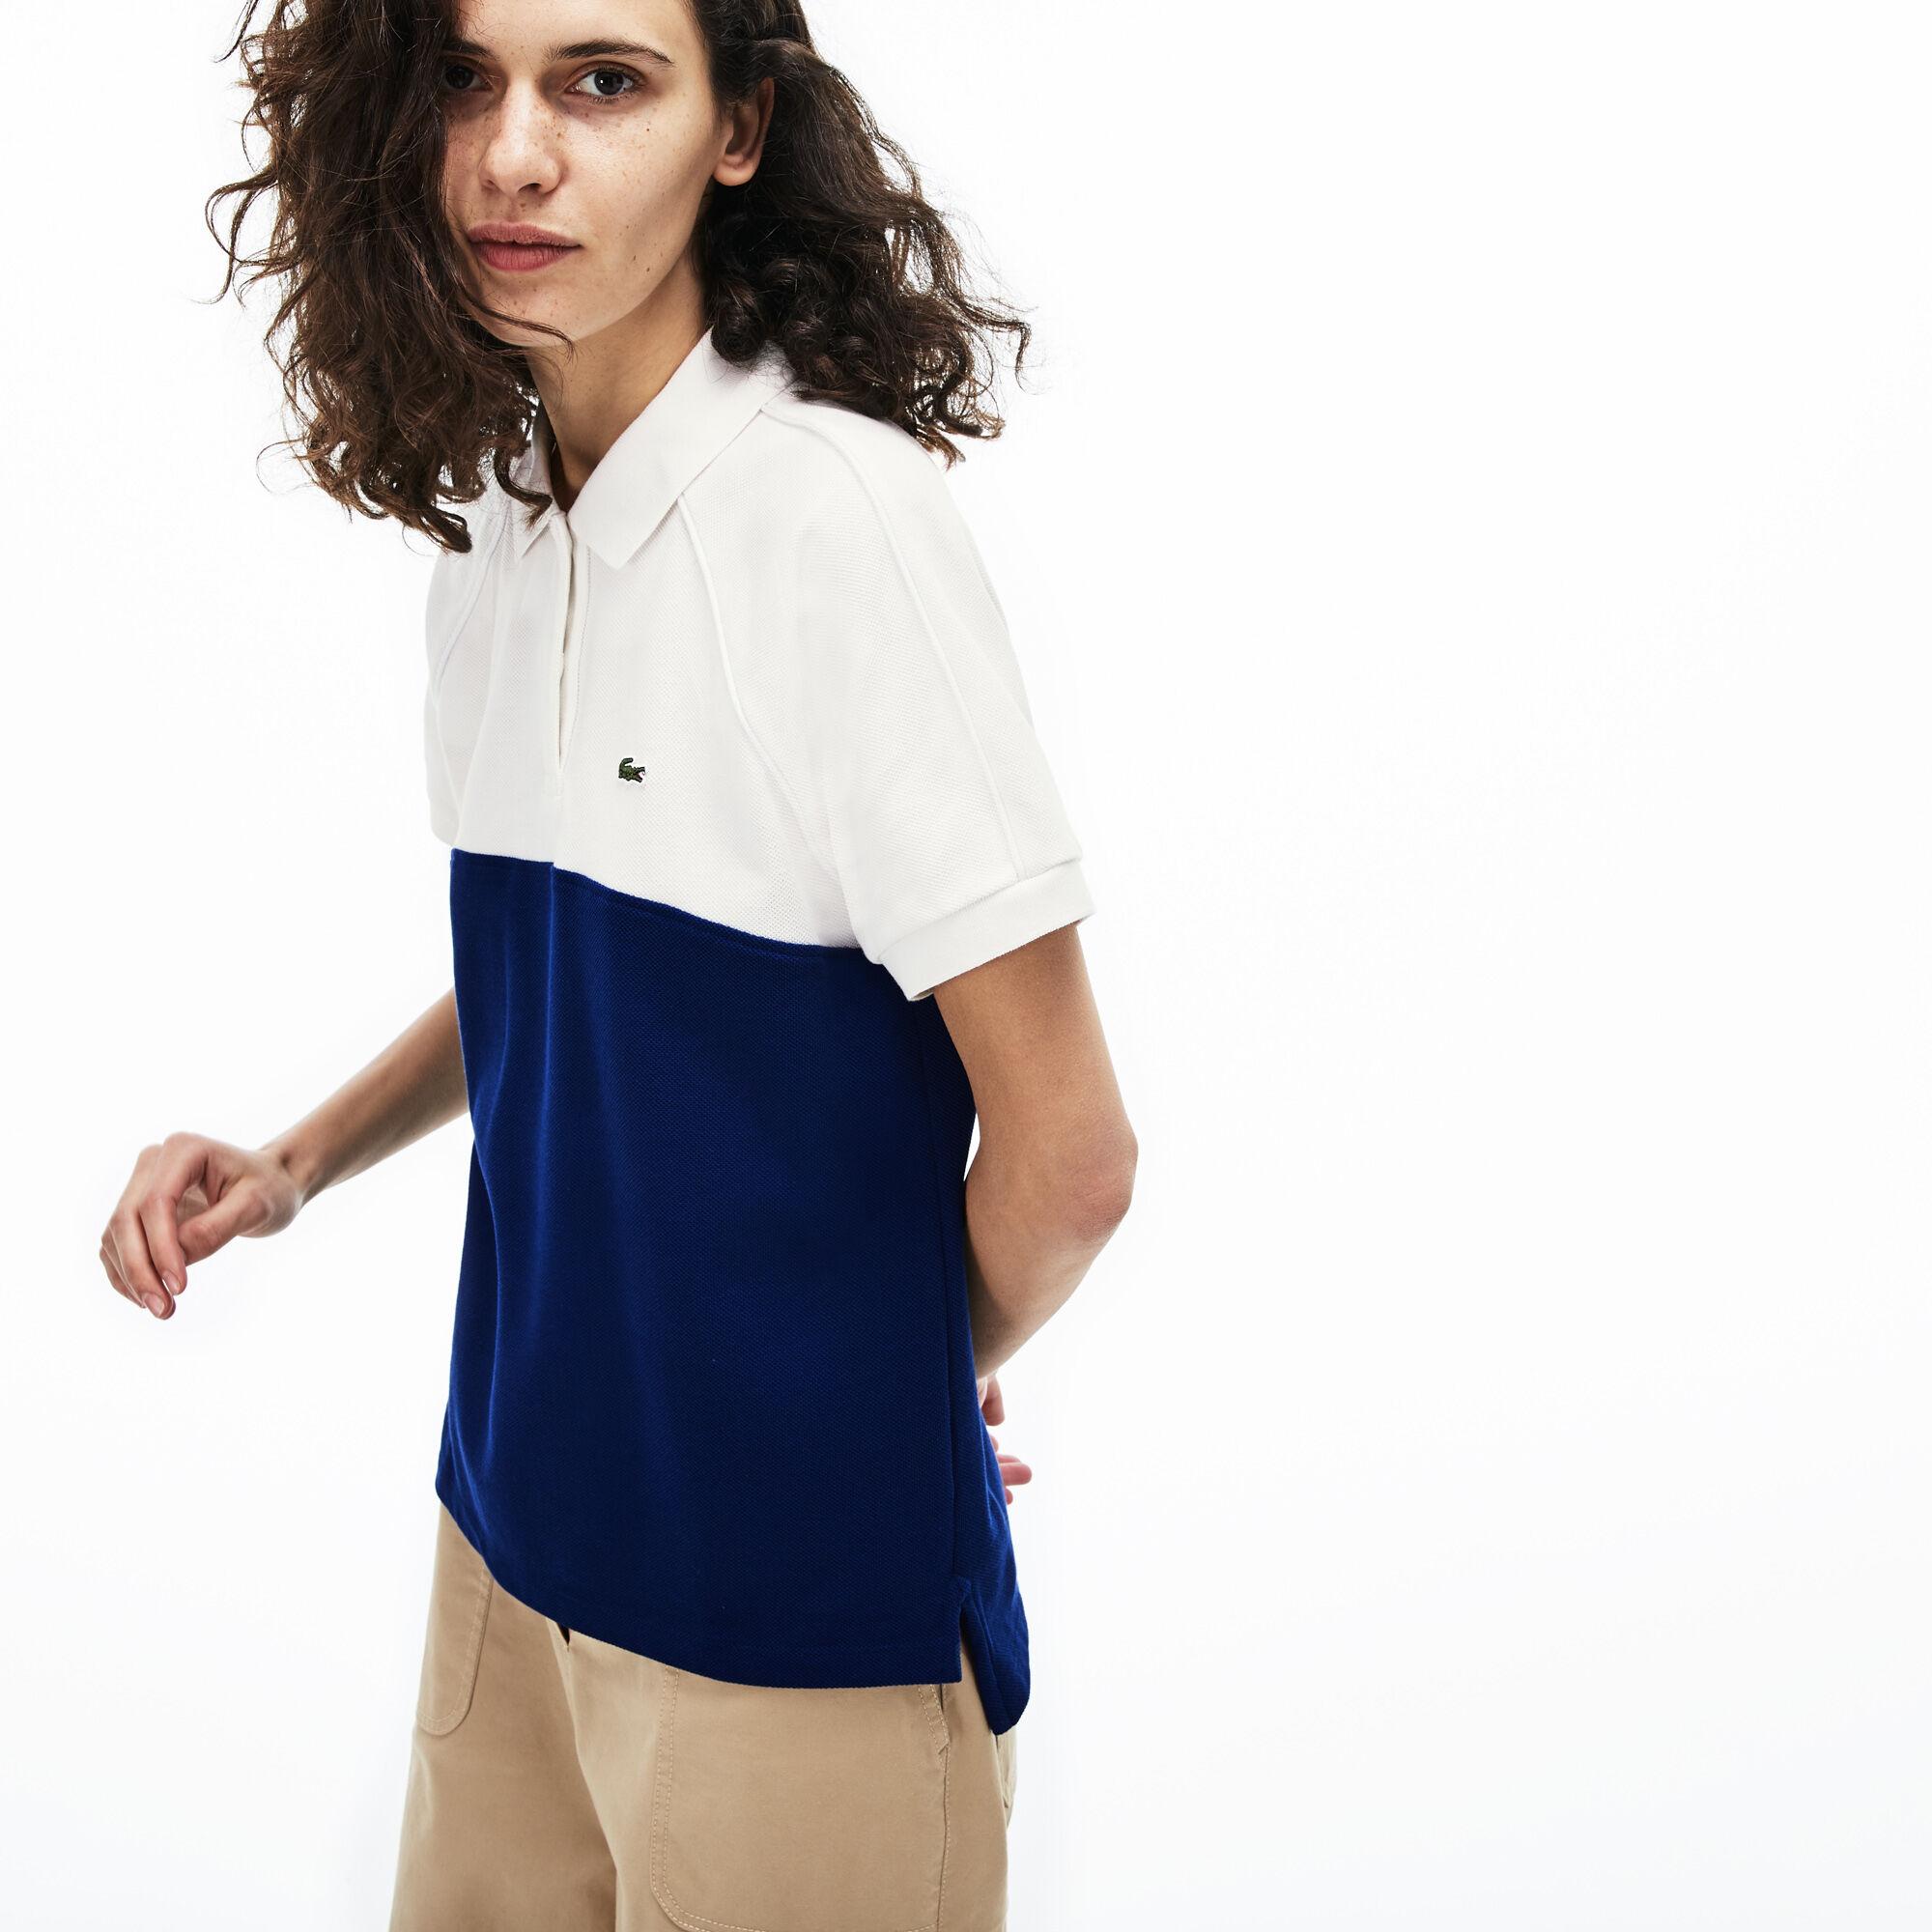 Women's Lacoste Classic Fit Colourblock Cotton Petit Piqué Polo Shirt